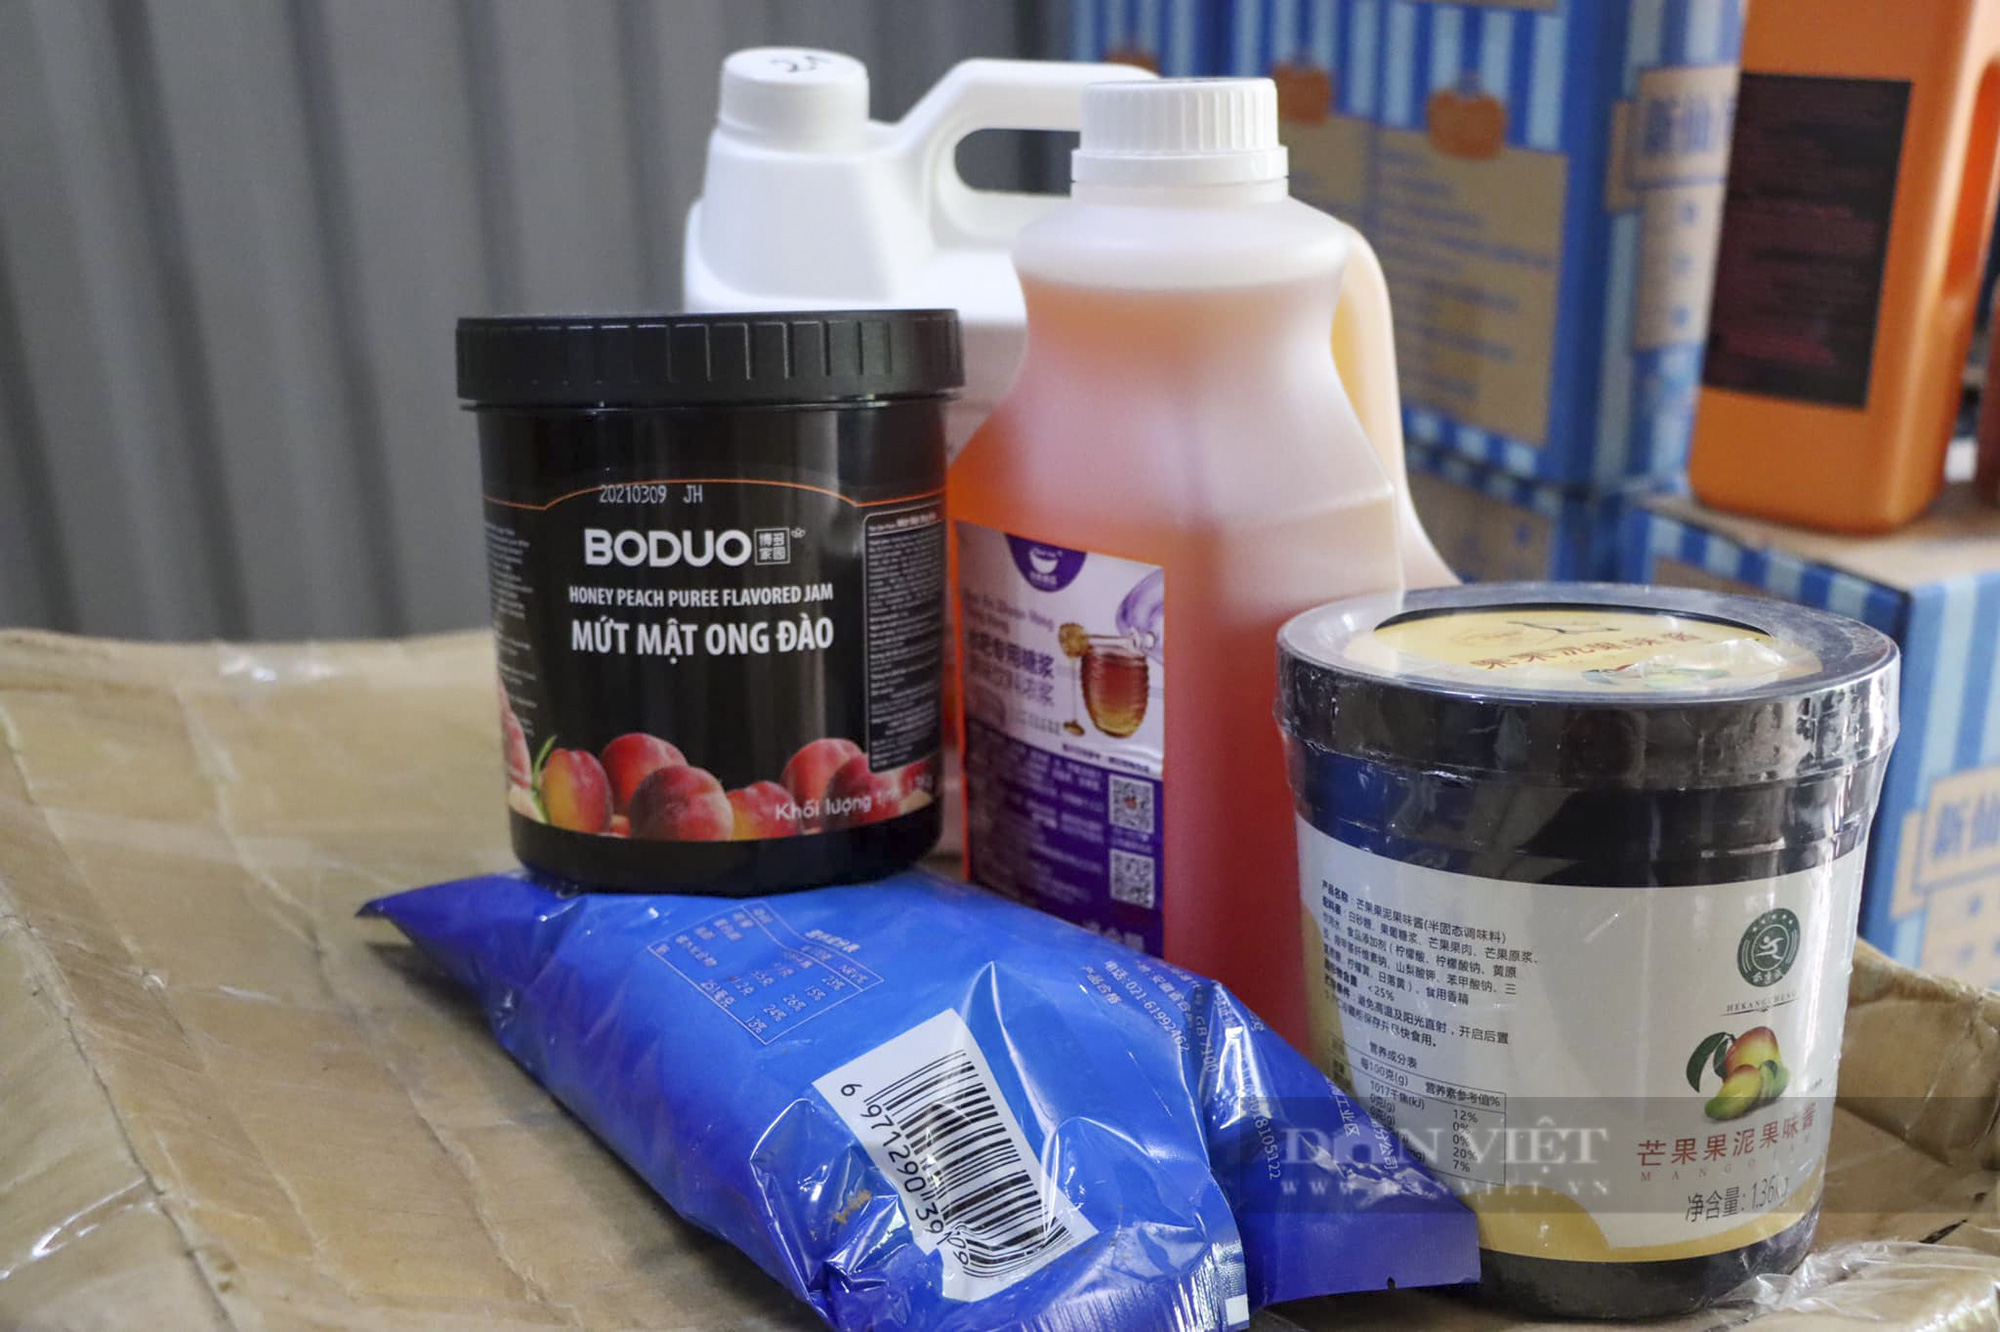 Hà Nội tạm giữ hàng tấn nguyên liệu trà sữa không hóa đơn chứng từ - Ảnh 2.